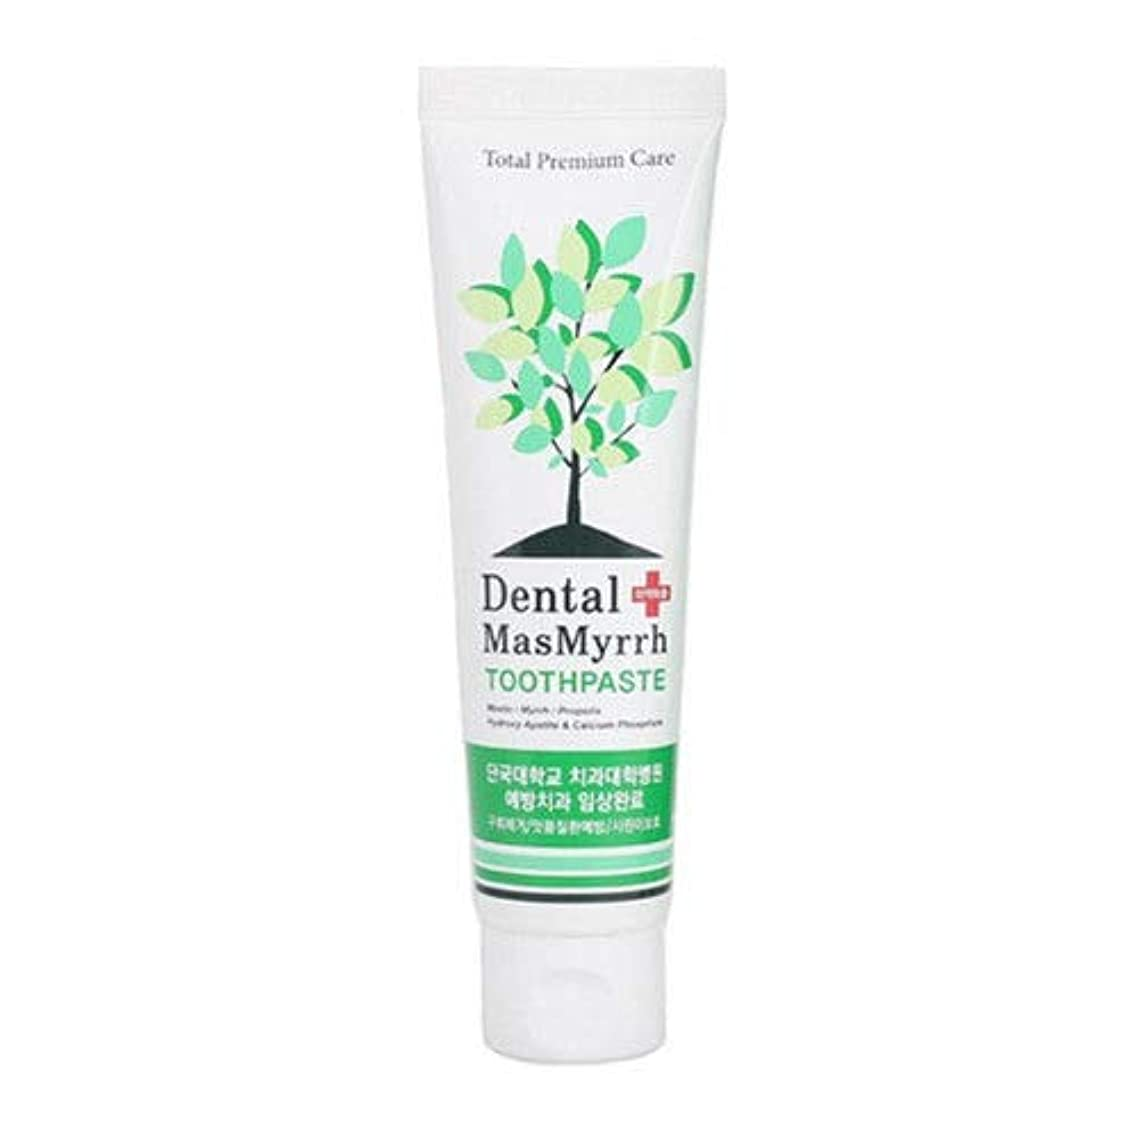 ブロック十代同様の天然 ナチュラル キシリトール 歯磨き粉 Natural Hernal Xylitol Anti-plague PBL Tube 歯科用 ハミガキ粉 - 130g[並行輸入品]